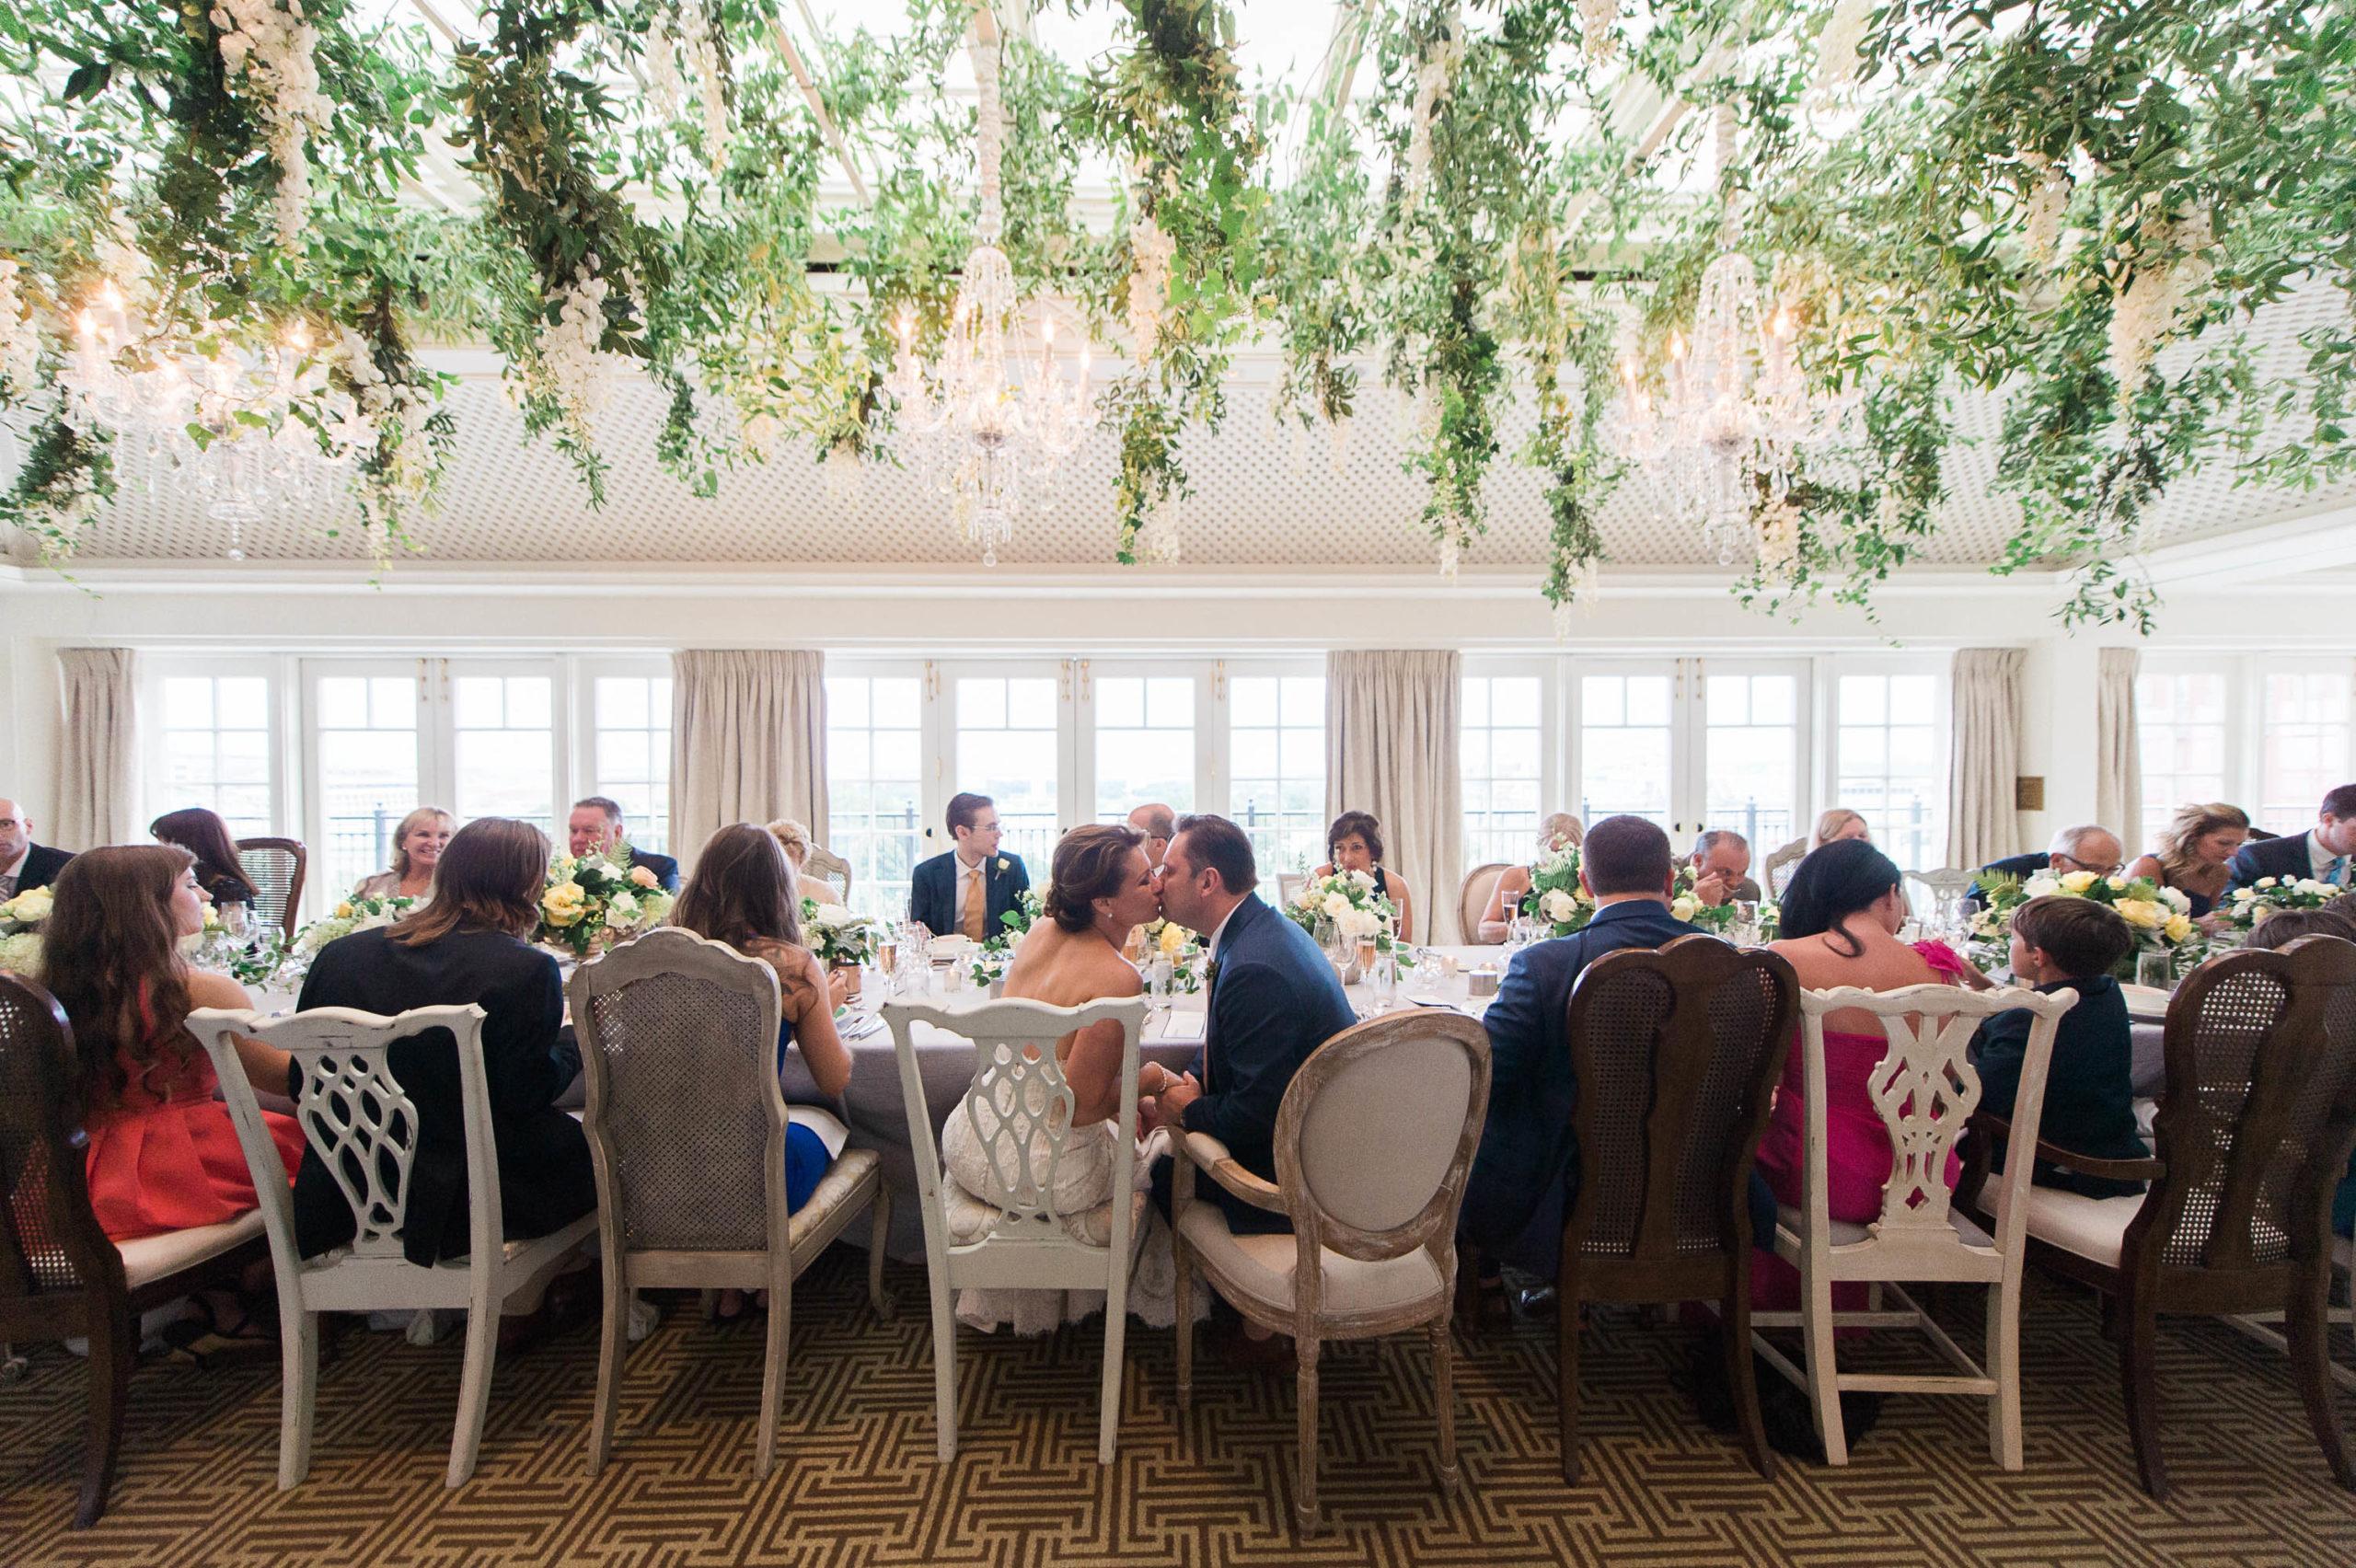 Hay Adams wedding reception